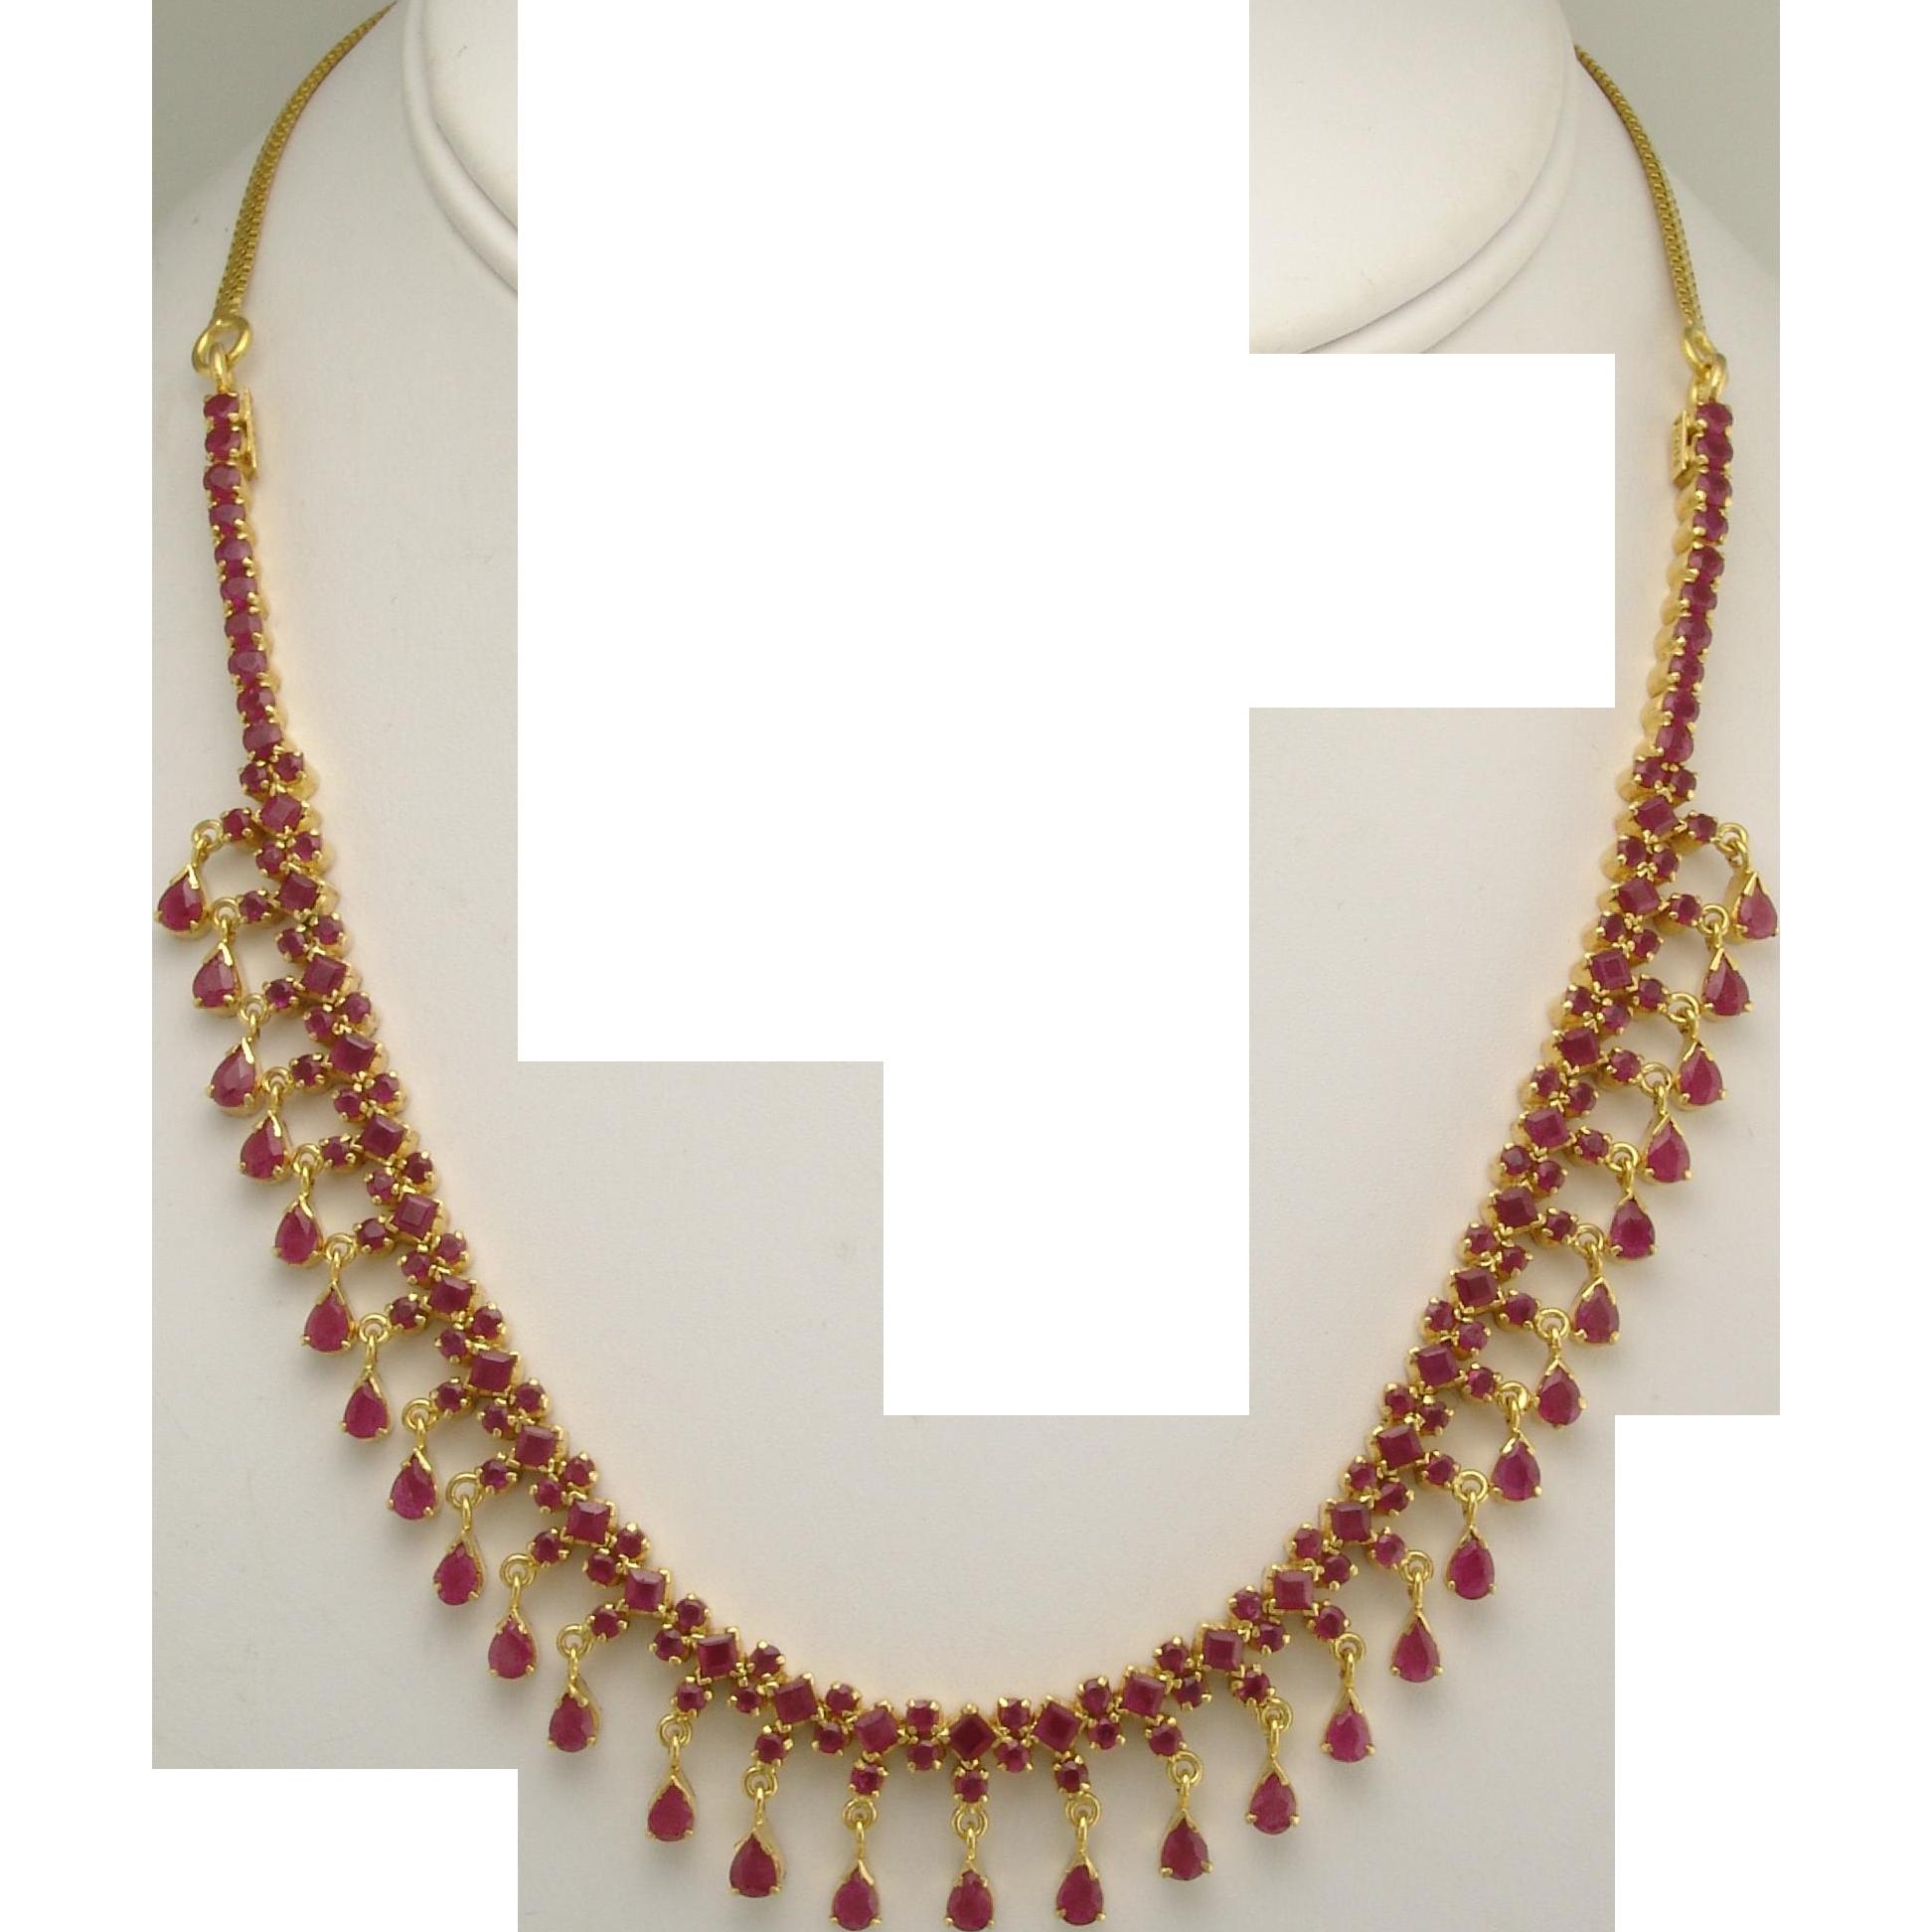 Vintage Ruby 22k Gold Fringe Necklace